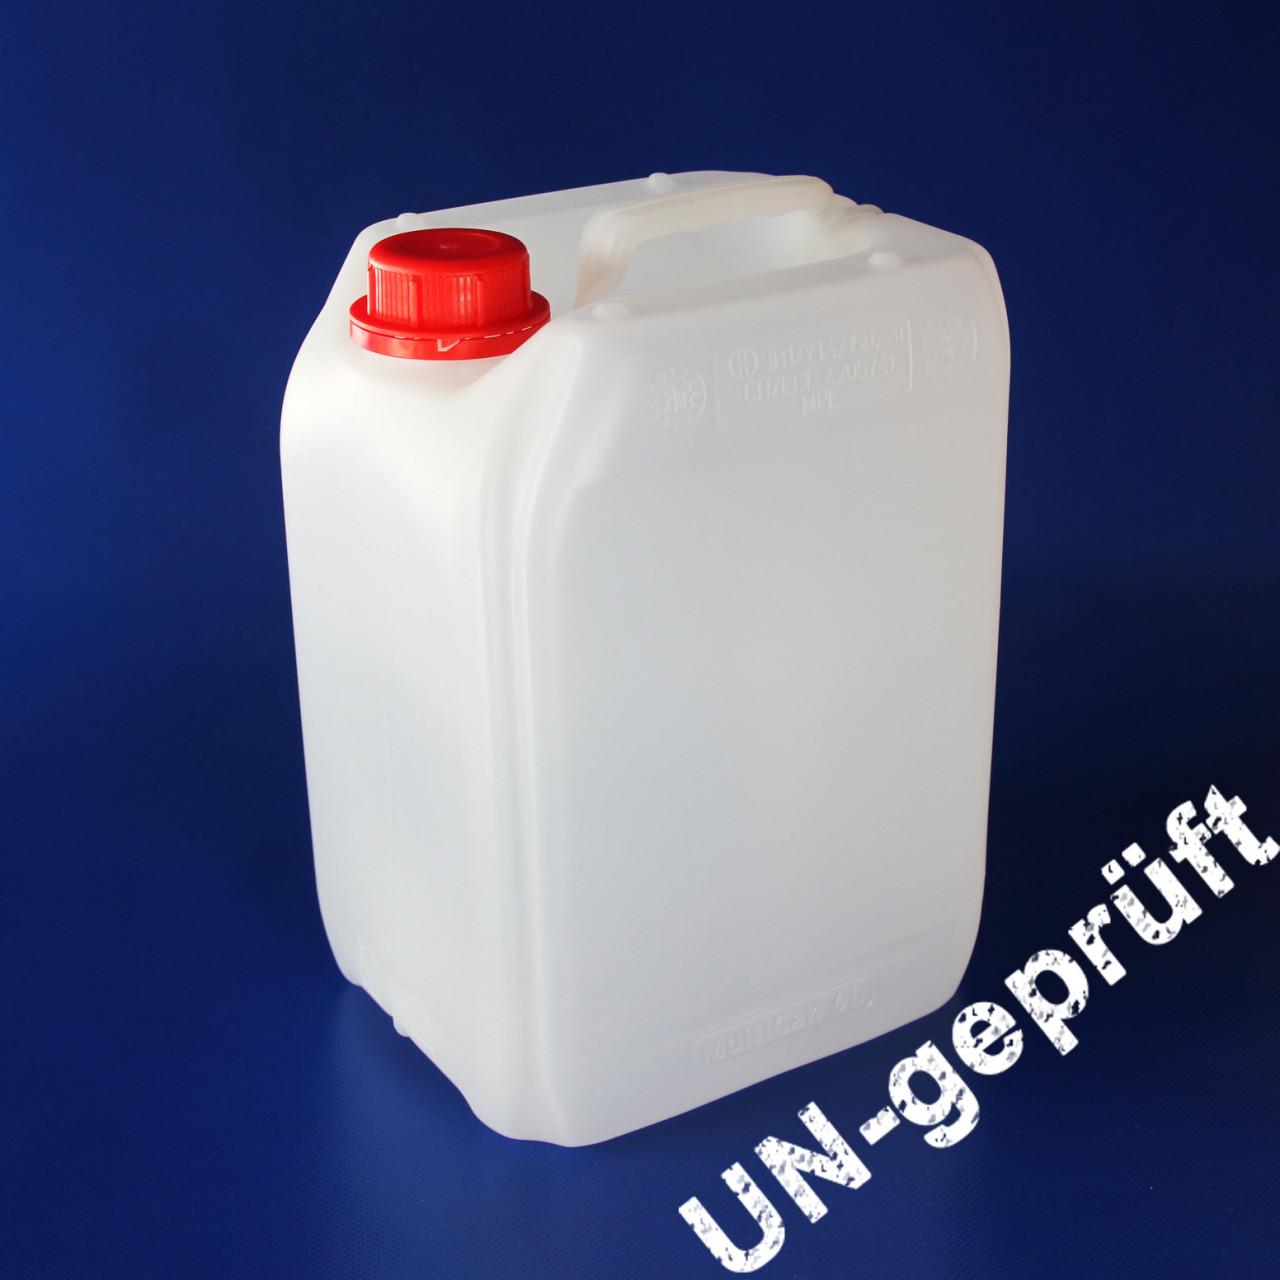 Stapelkanister 6 Liter |UN-Zulassung